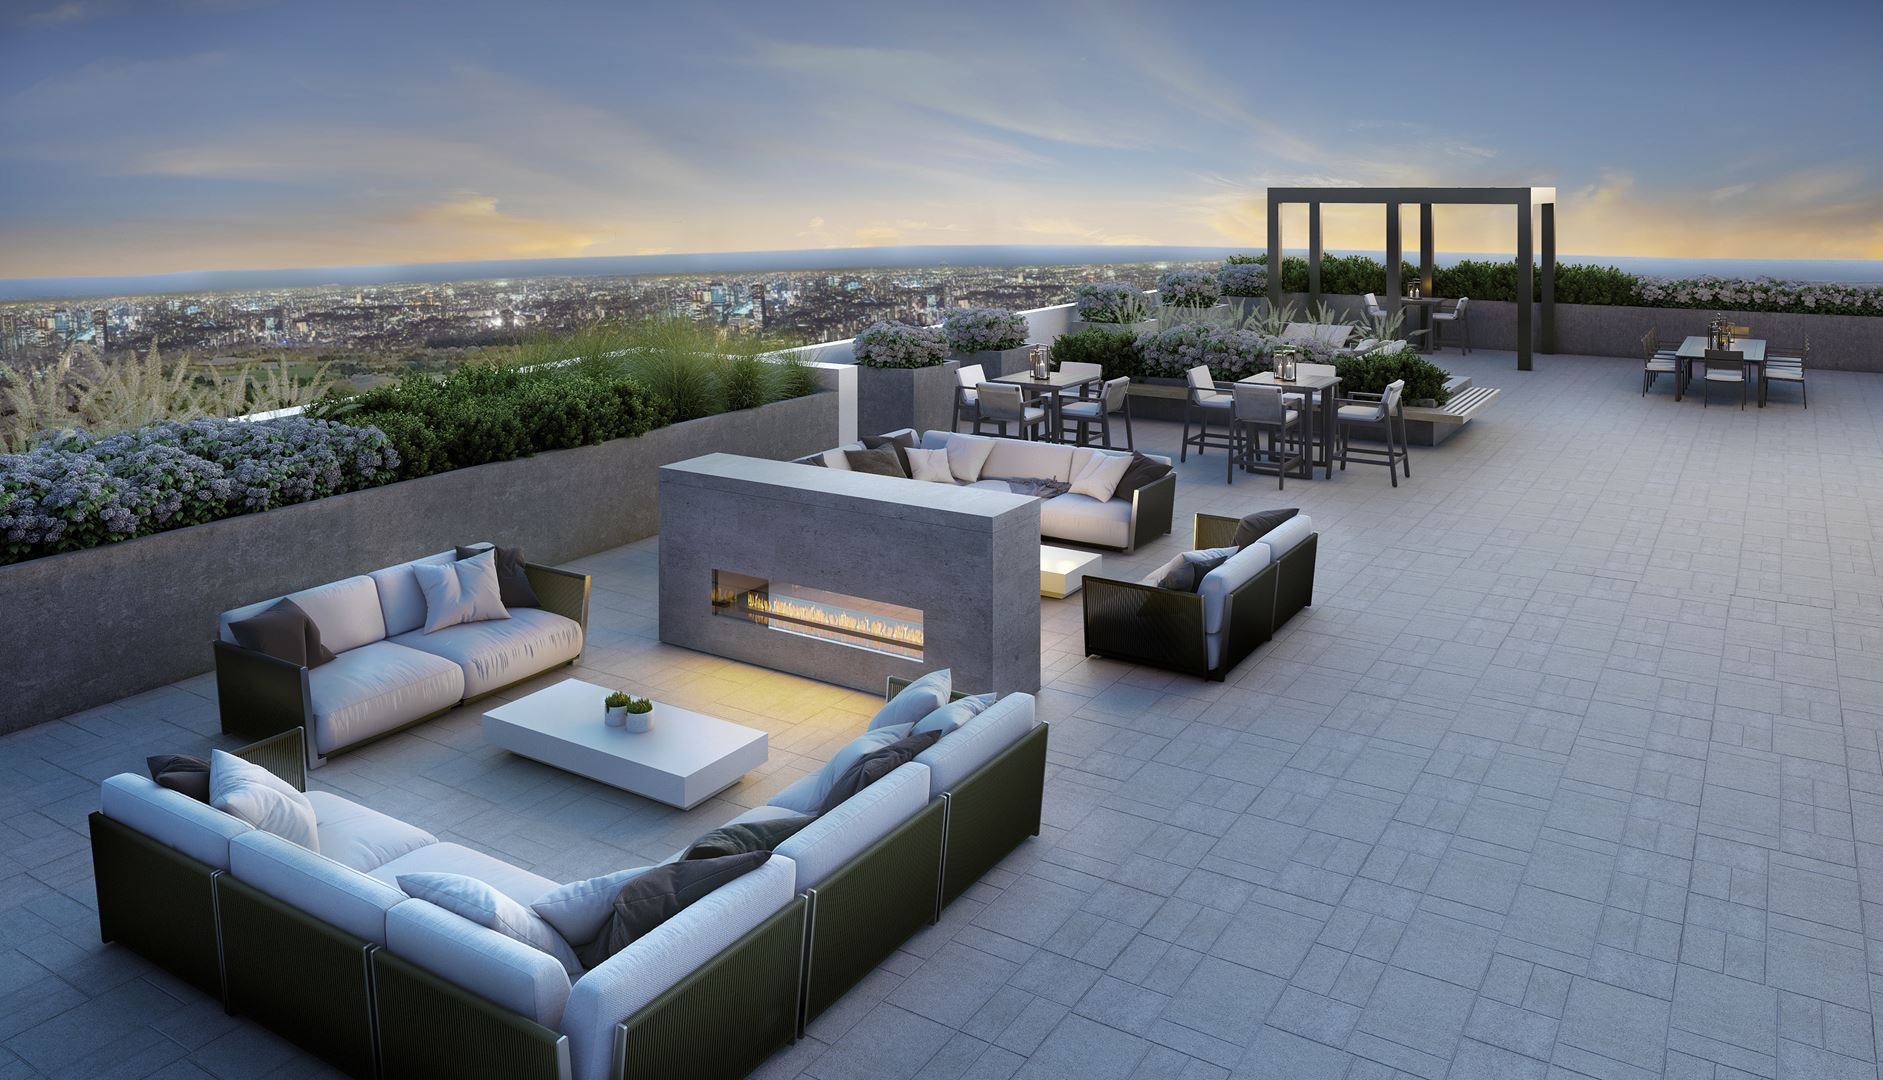 TheButler_Rooftop